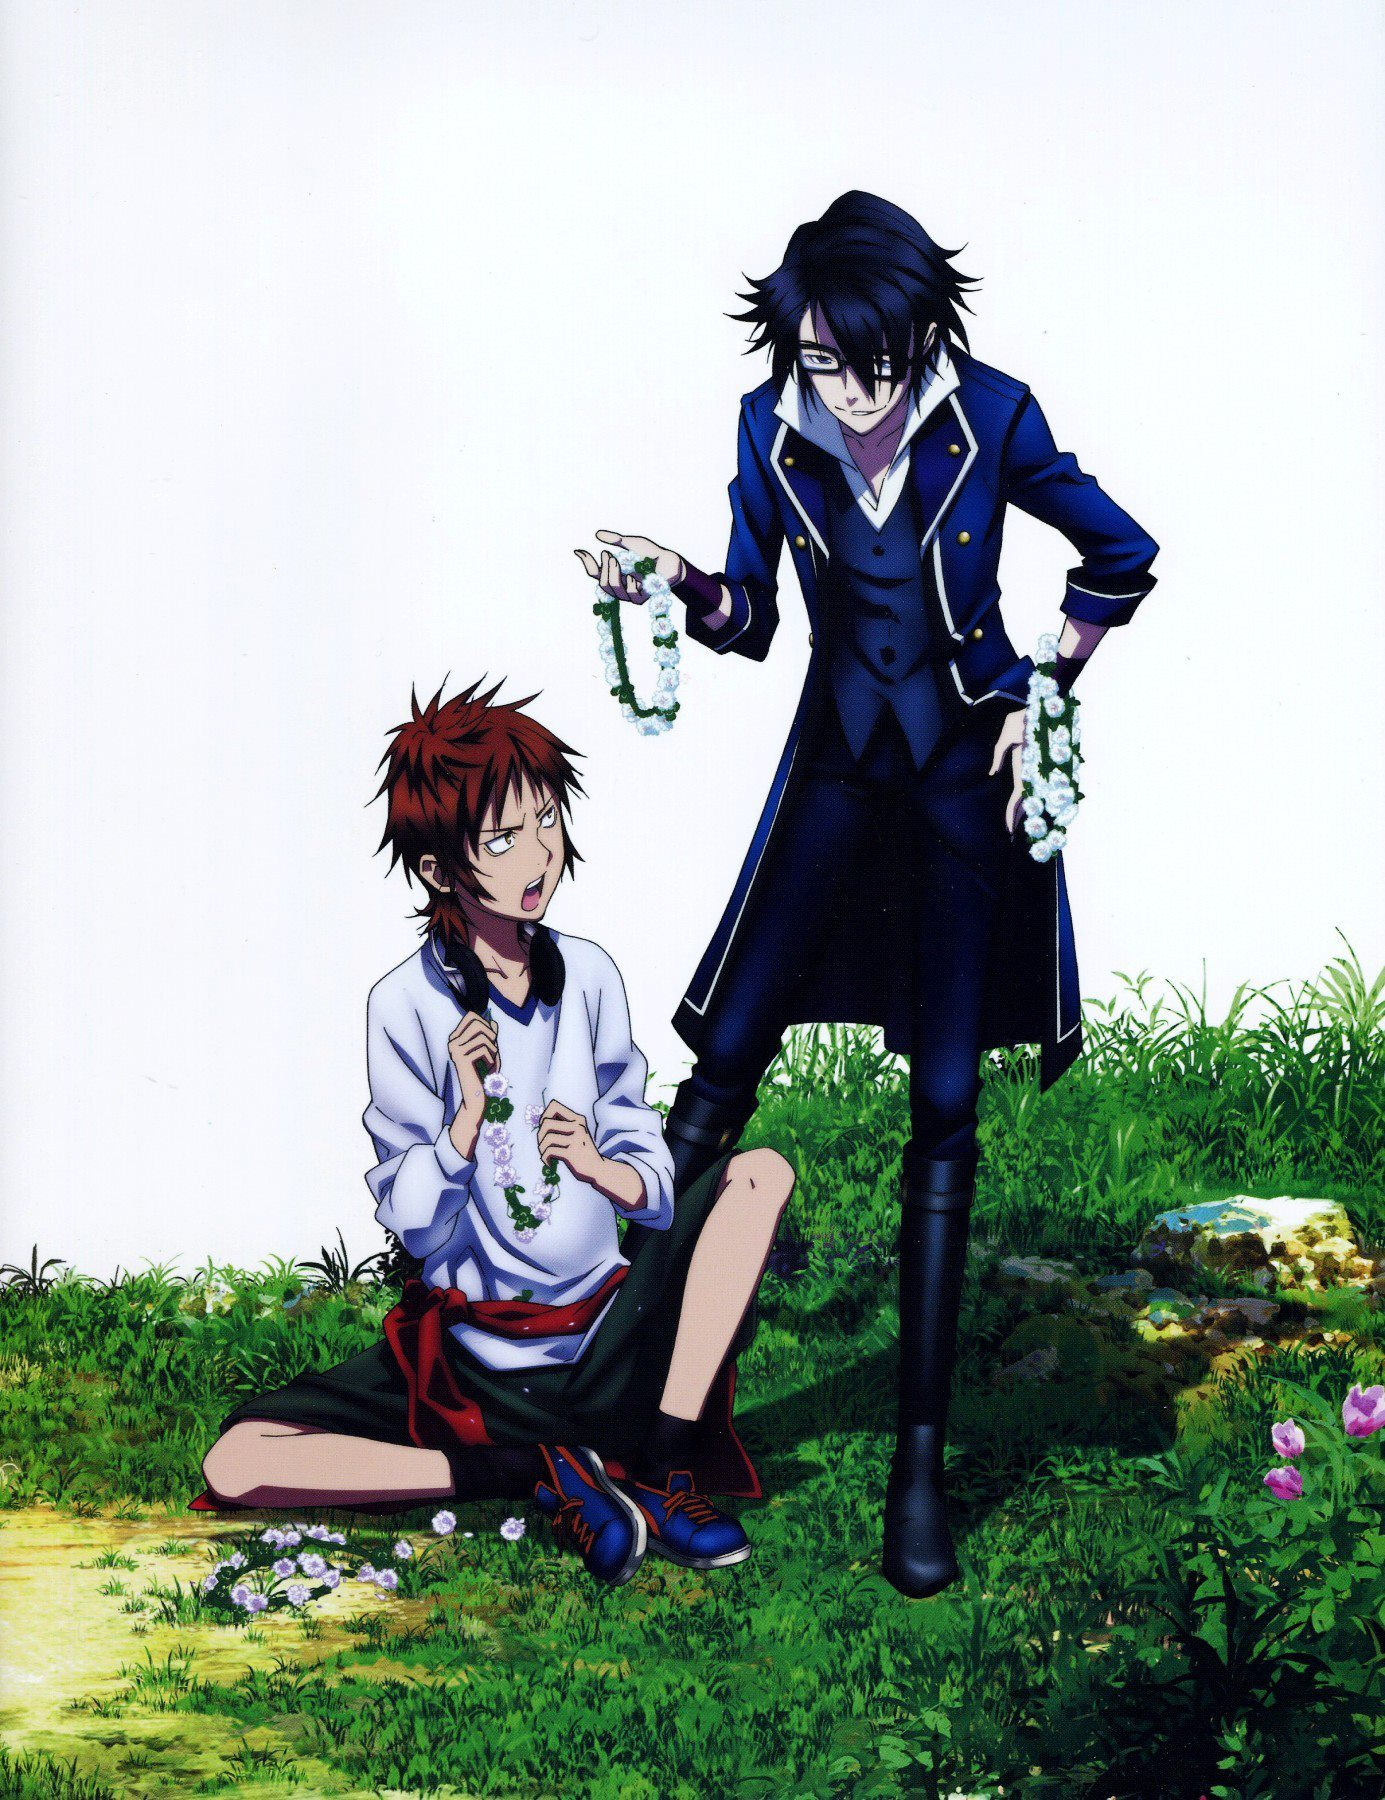 fushimi and yata relationship quizzes